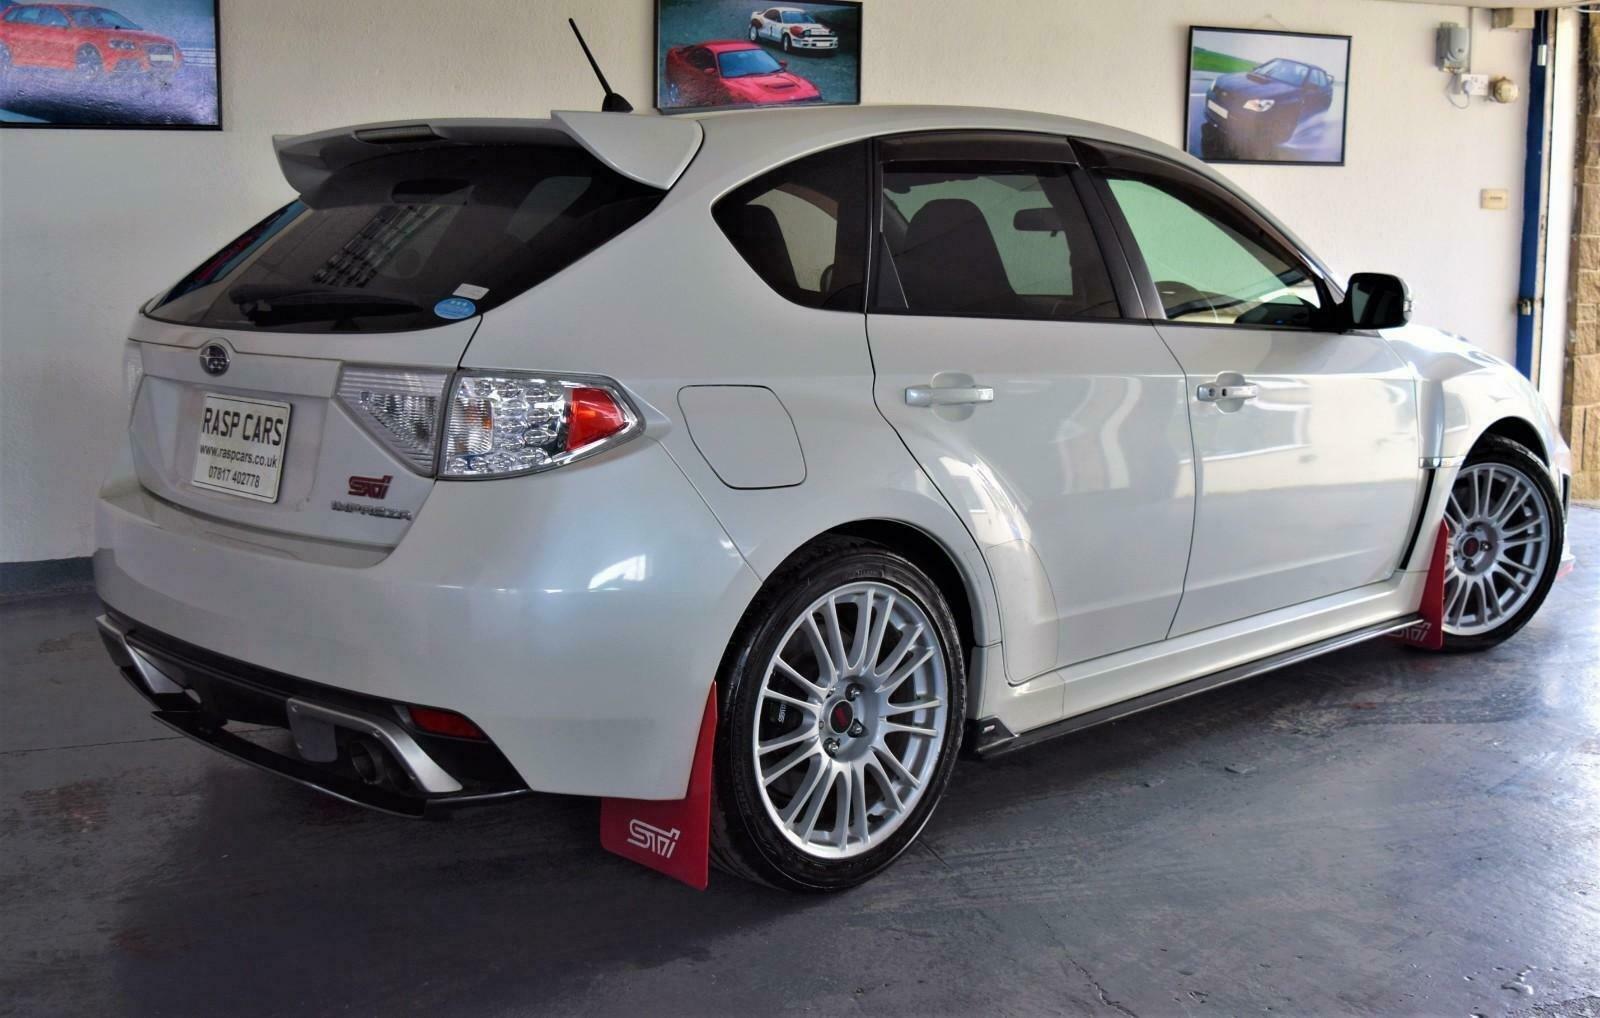 2009 Impreza 2.0 WRX STi JDM Import Pearl White For Sale (picture 2 of 6)